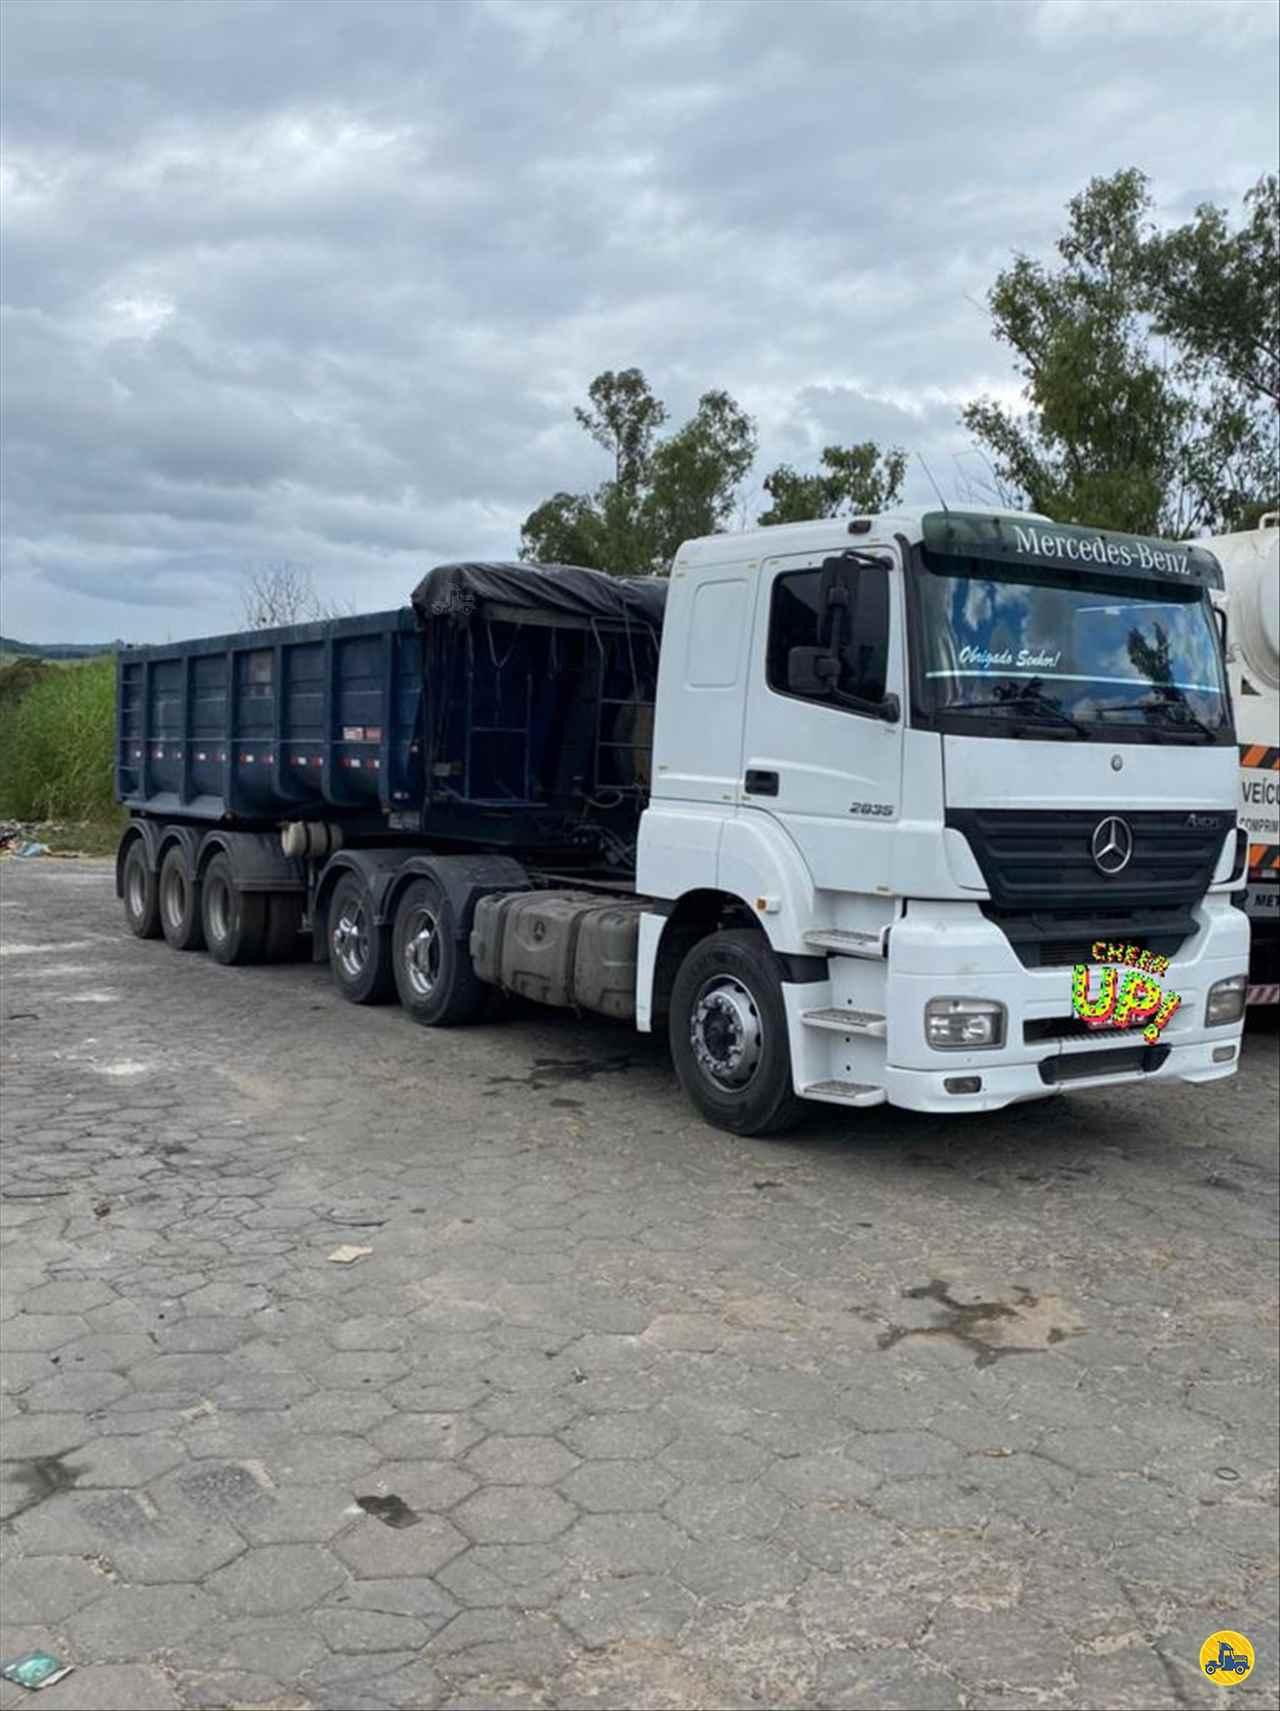 CAMINHAO MERCEDES-BENZ MB 2035 Cavalo Mecânico Truck 6x2 Caminhões Certos CONTAGEM MINAS GERAIS MG